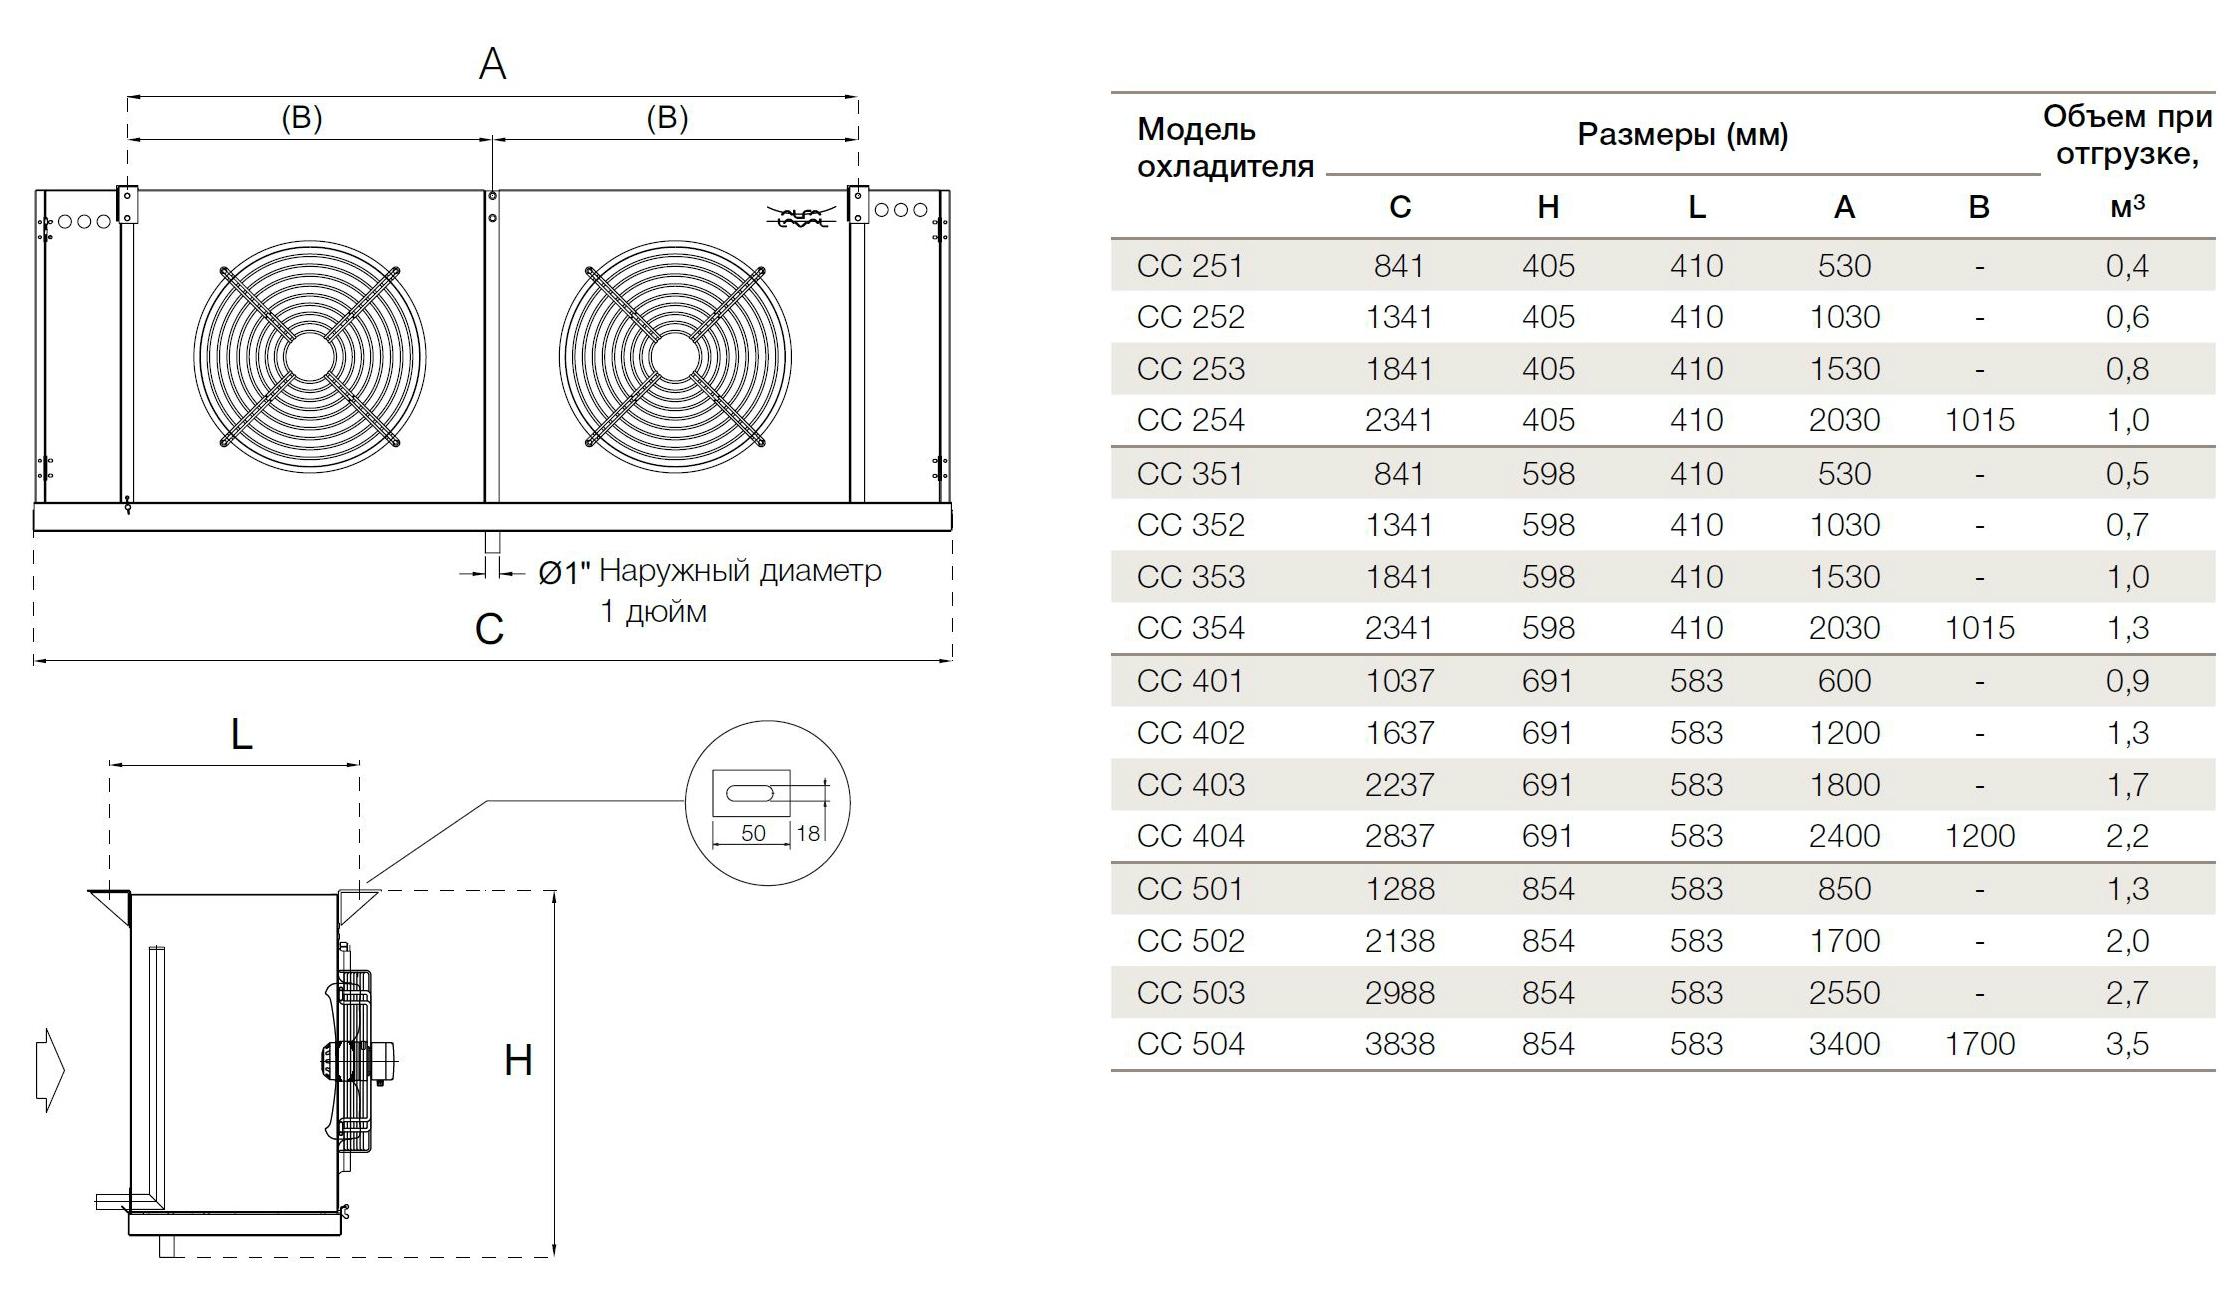 Воздухоохладитель альфа лаваль технические характеристики 1 6 Кожухотрубный испаритель Alfa Laval DXS 80 Назрань